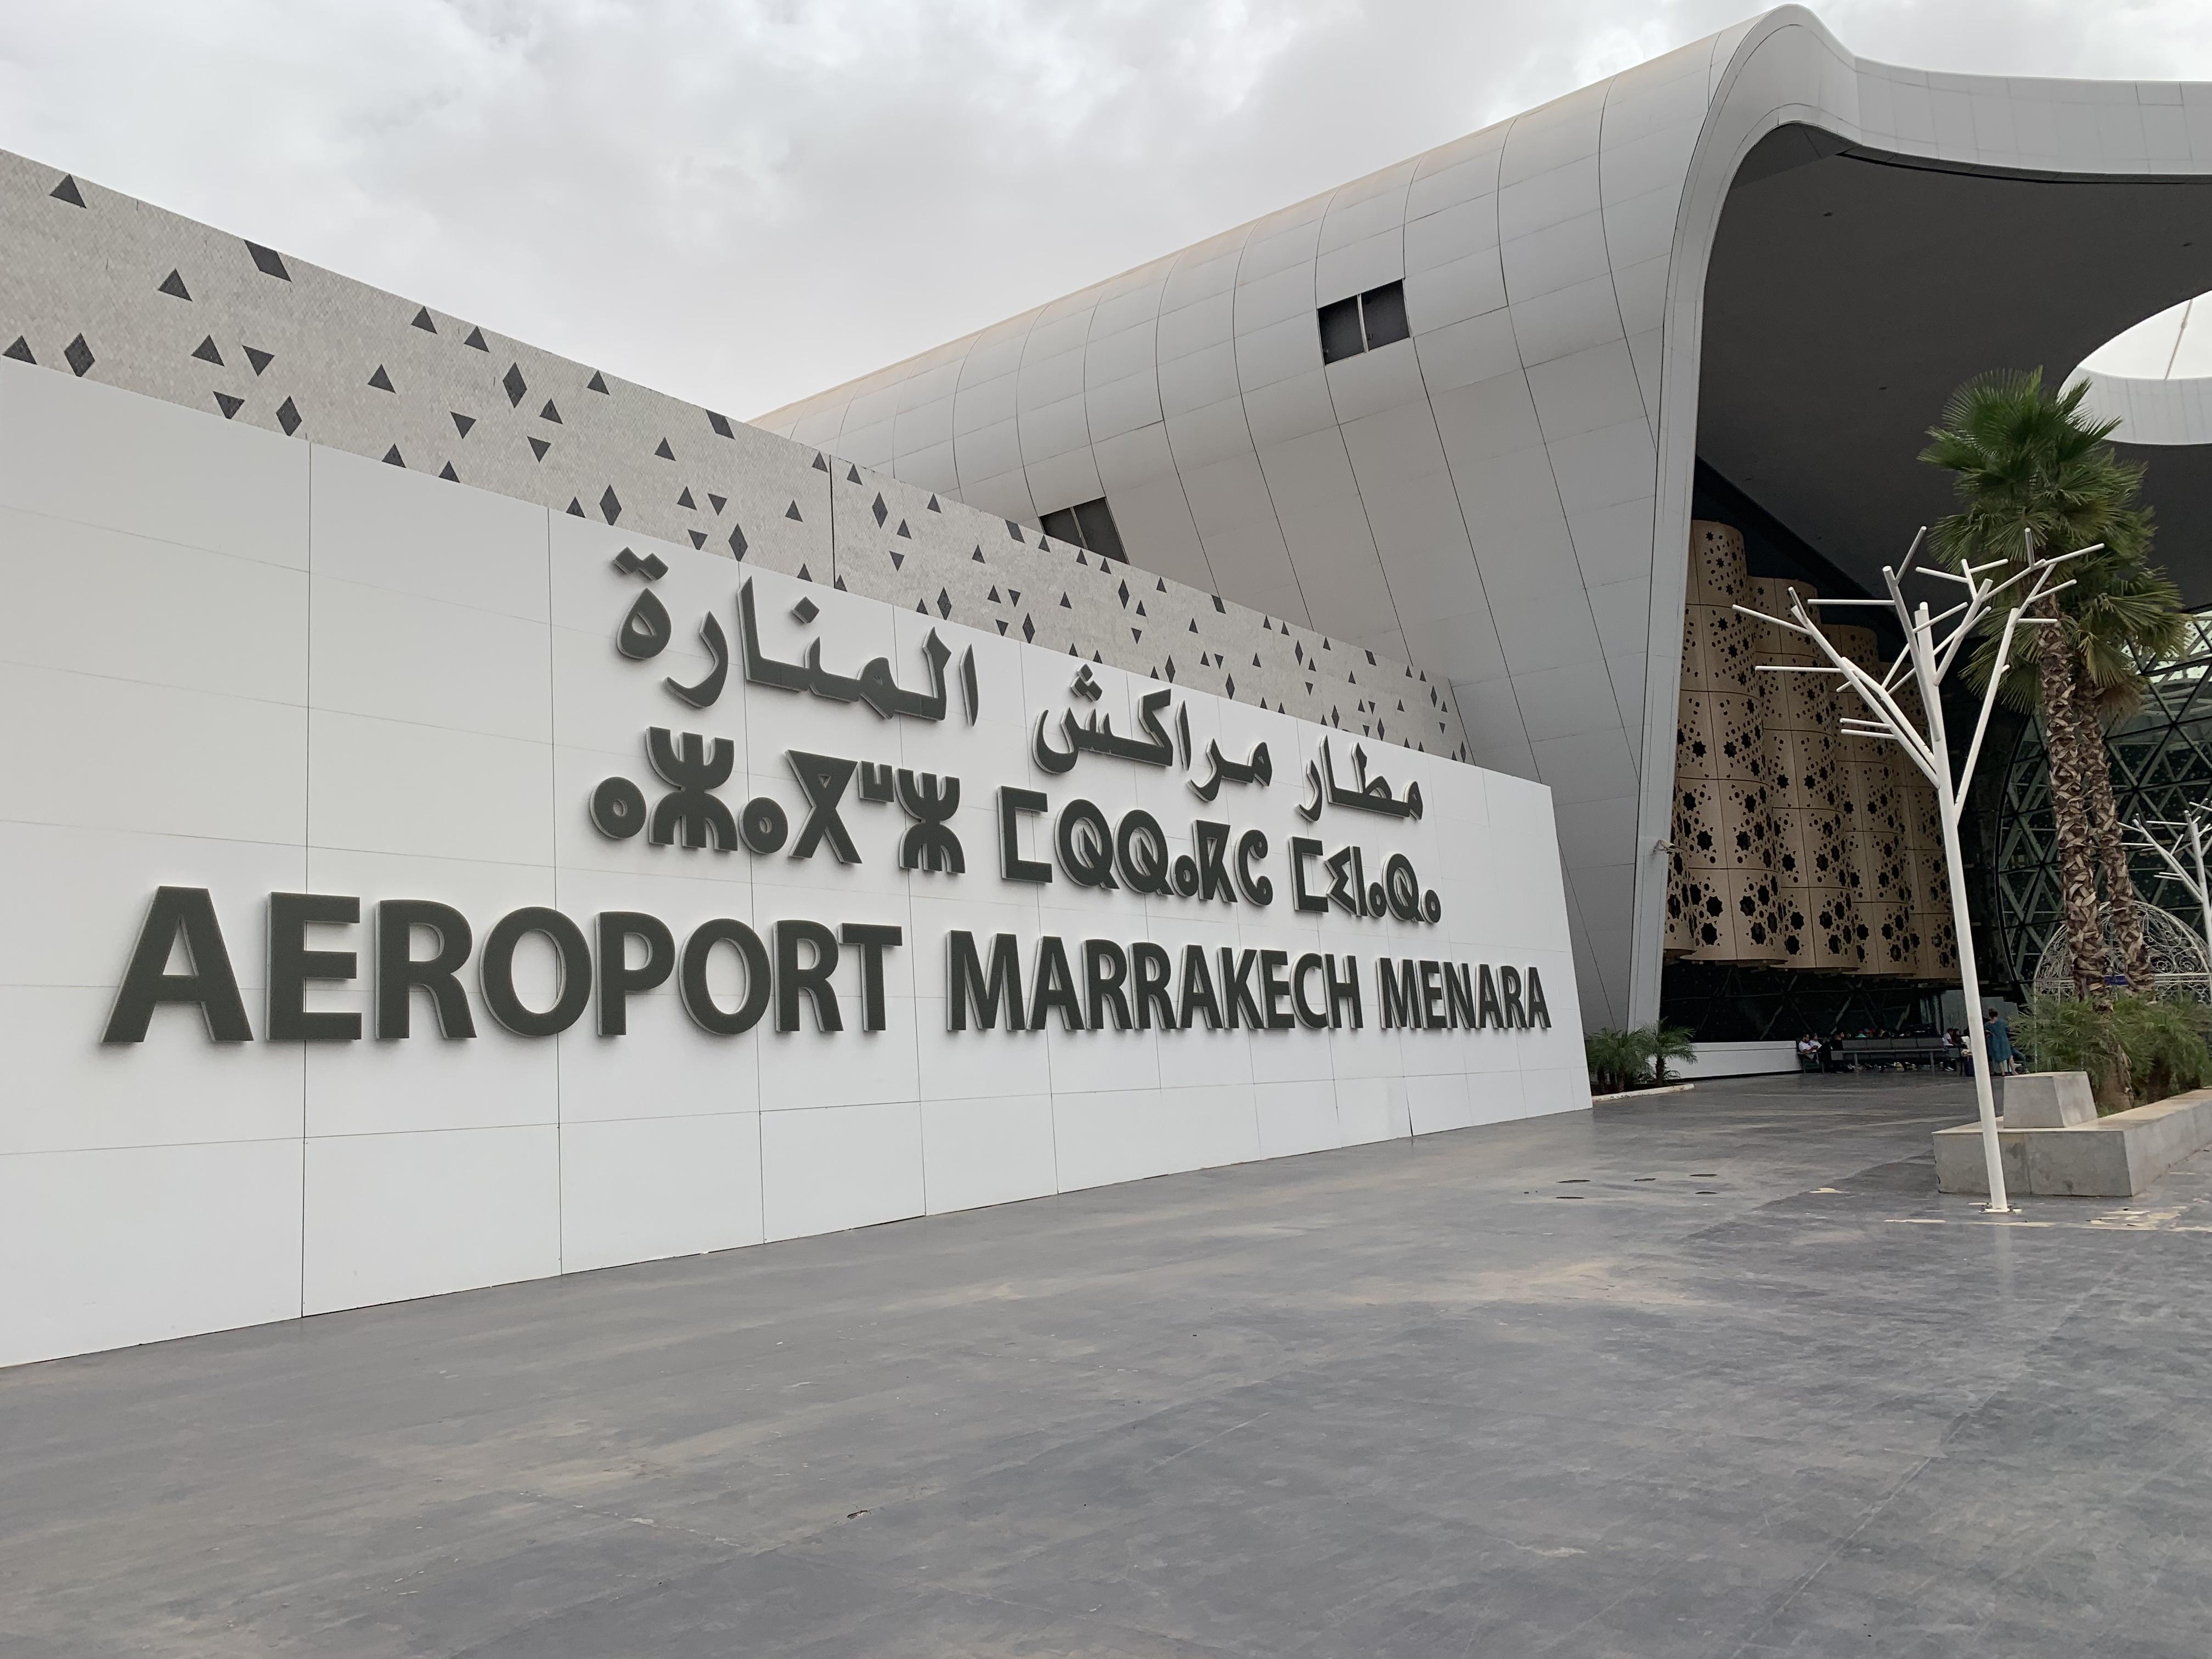 Aéroport Marrakech Menara: Arrestation d'un Brésilien en flagrant délit de trafic de cocaïne (DGSN)